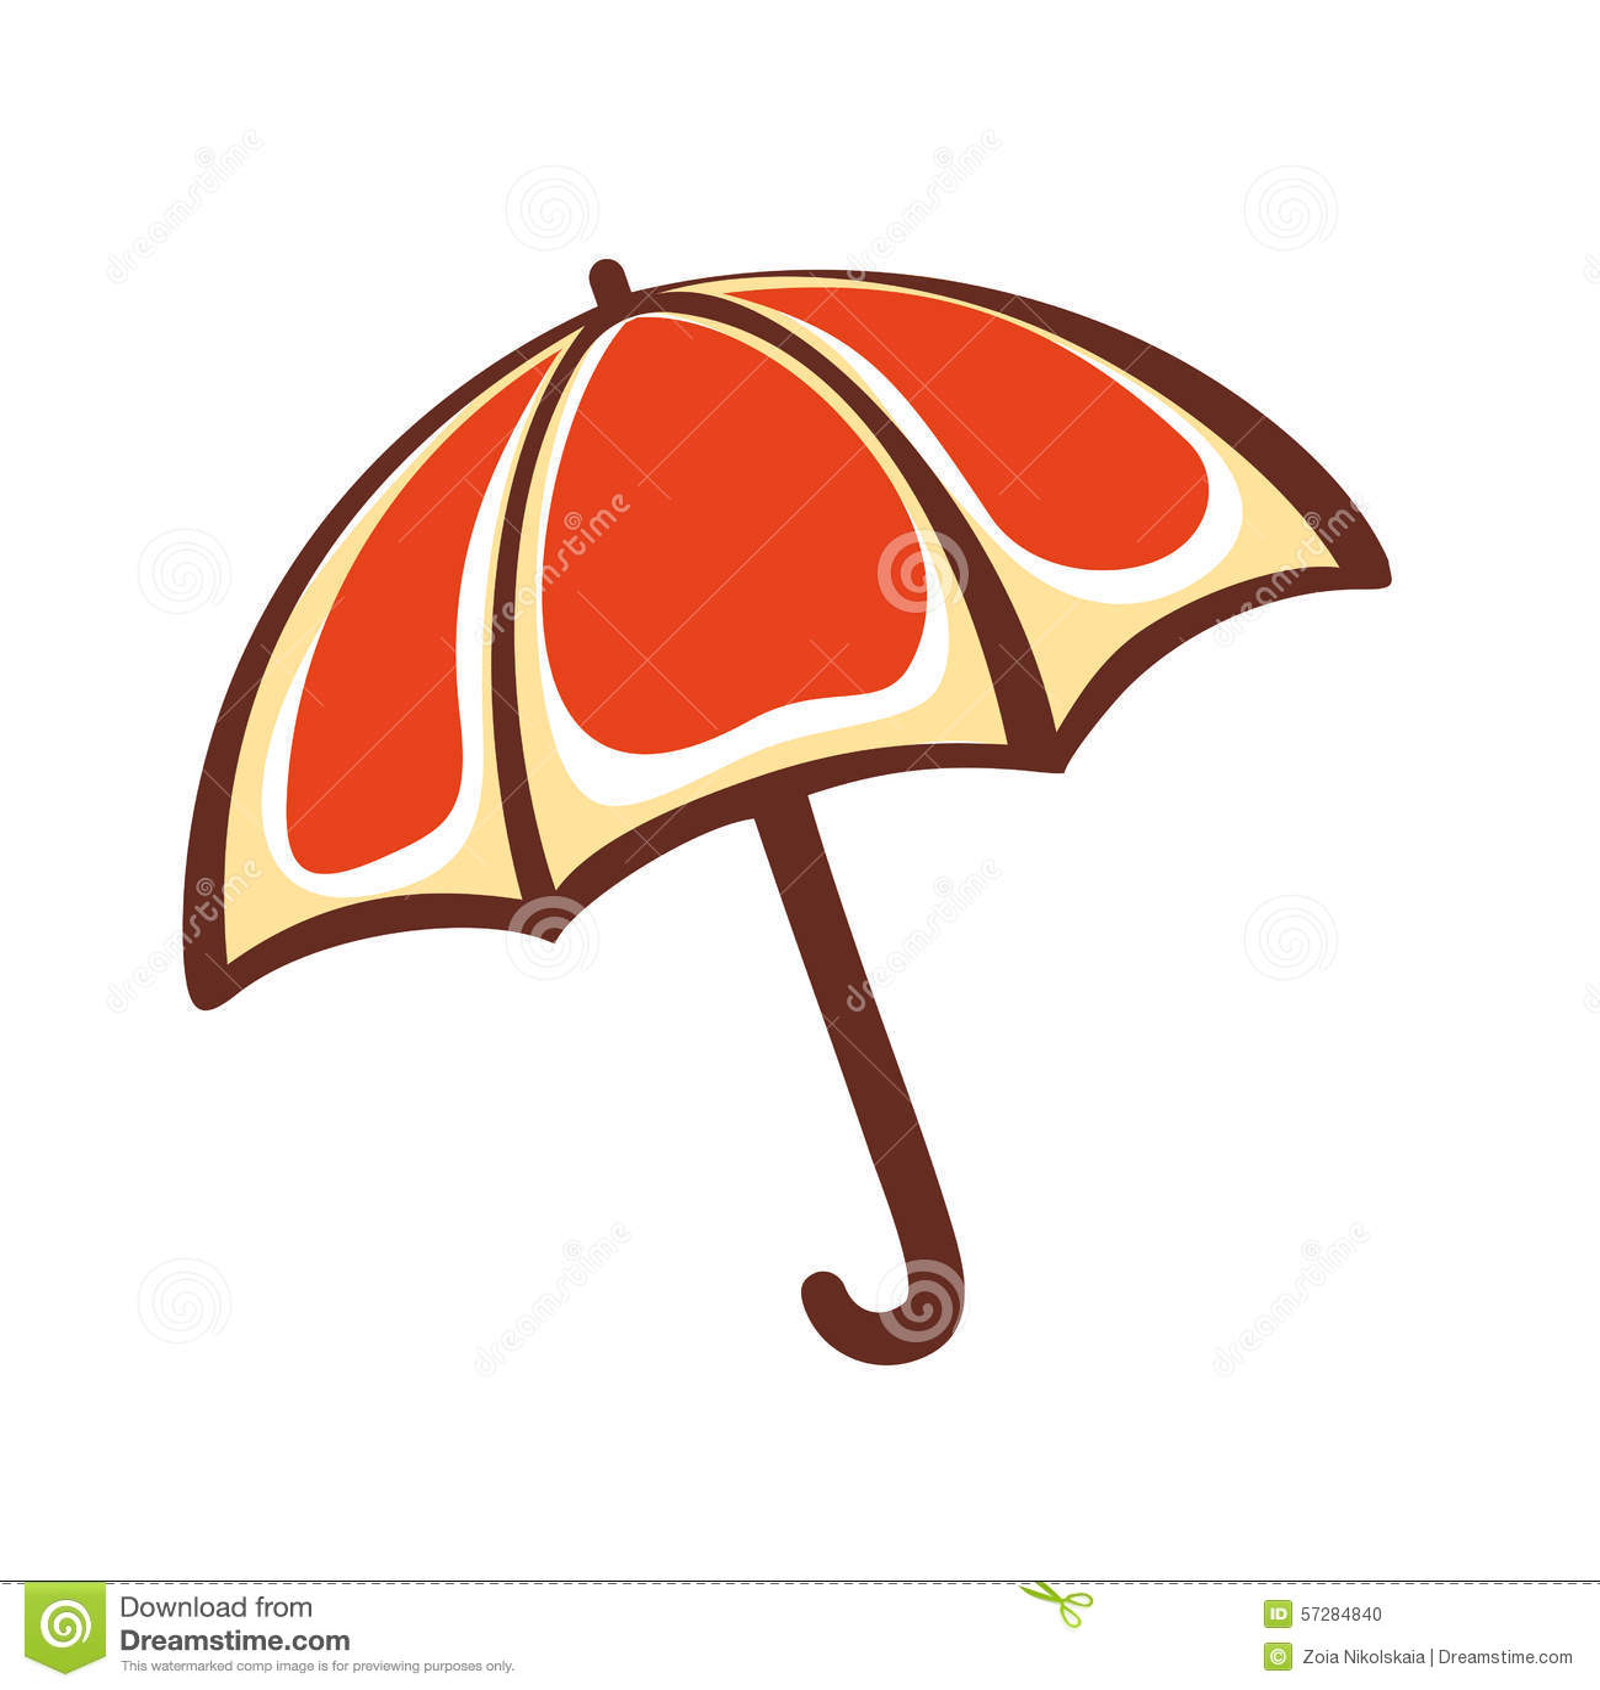 Paraguas anaranjado emblema pictogram icono